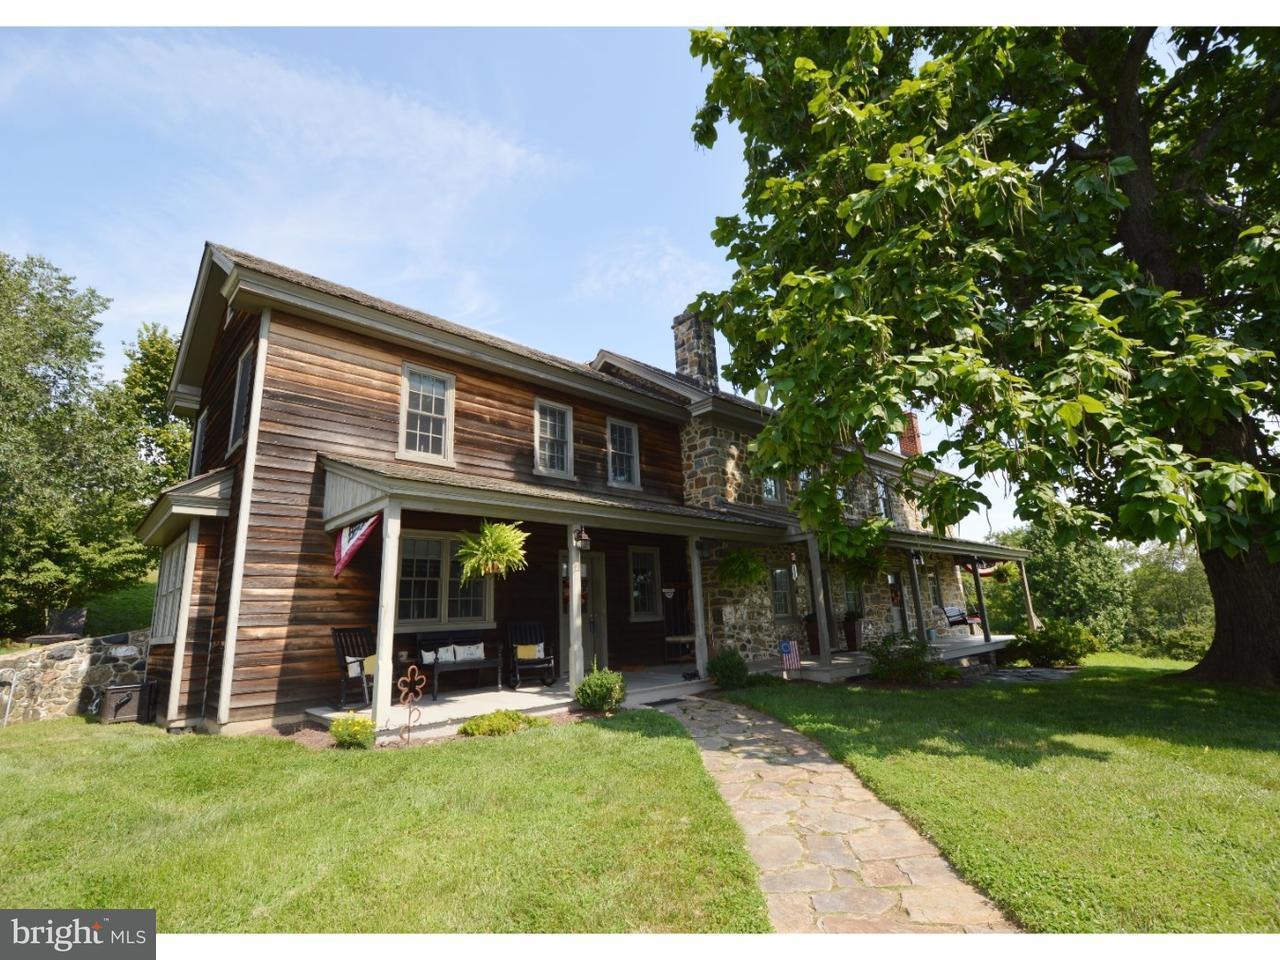 Maison unifamiliale pour l Vente à 1427 ASHLAND CLINTON SCHOOL Road Hockessin, Delaware 19707 États-Unis